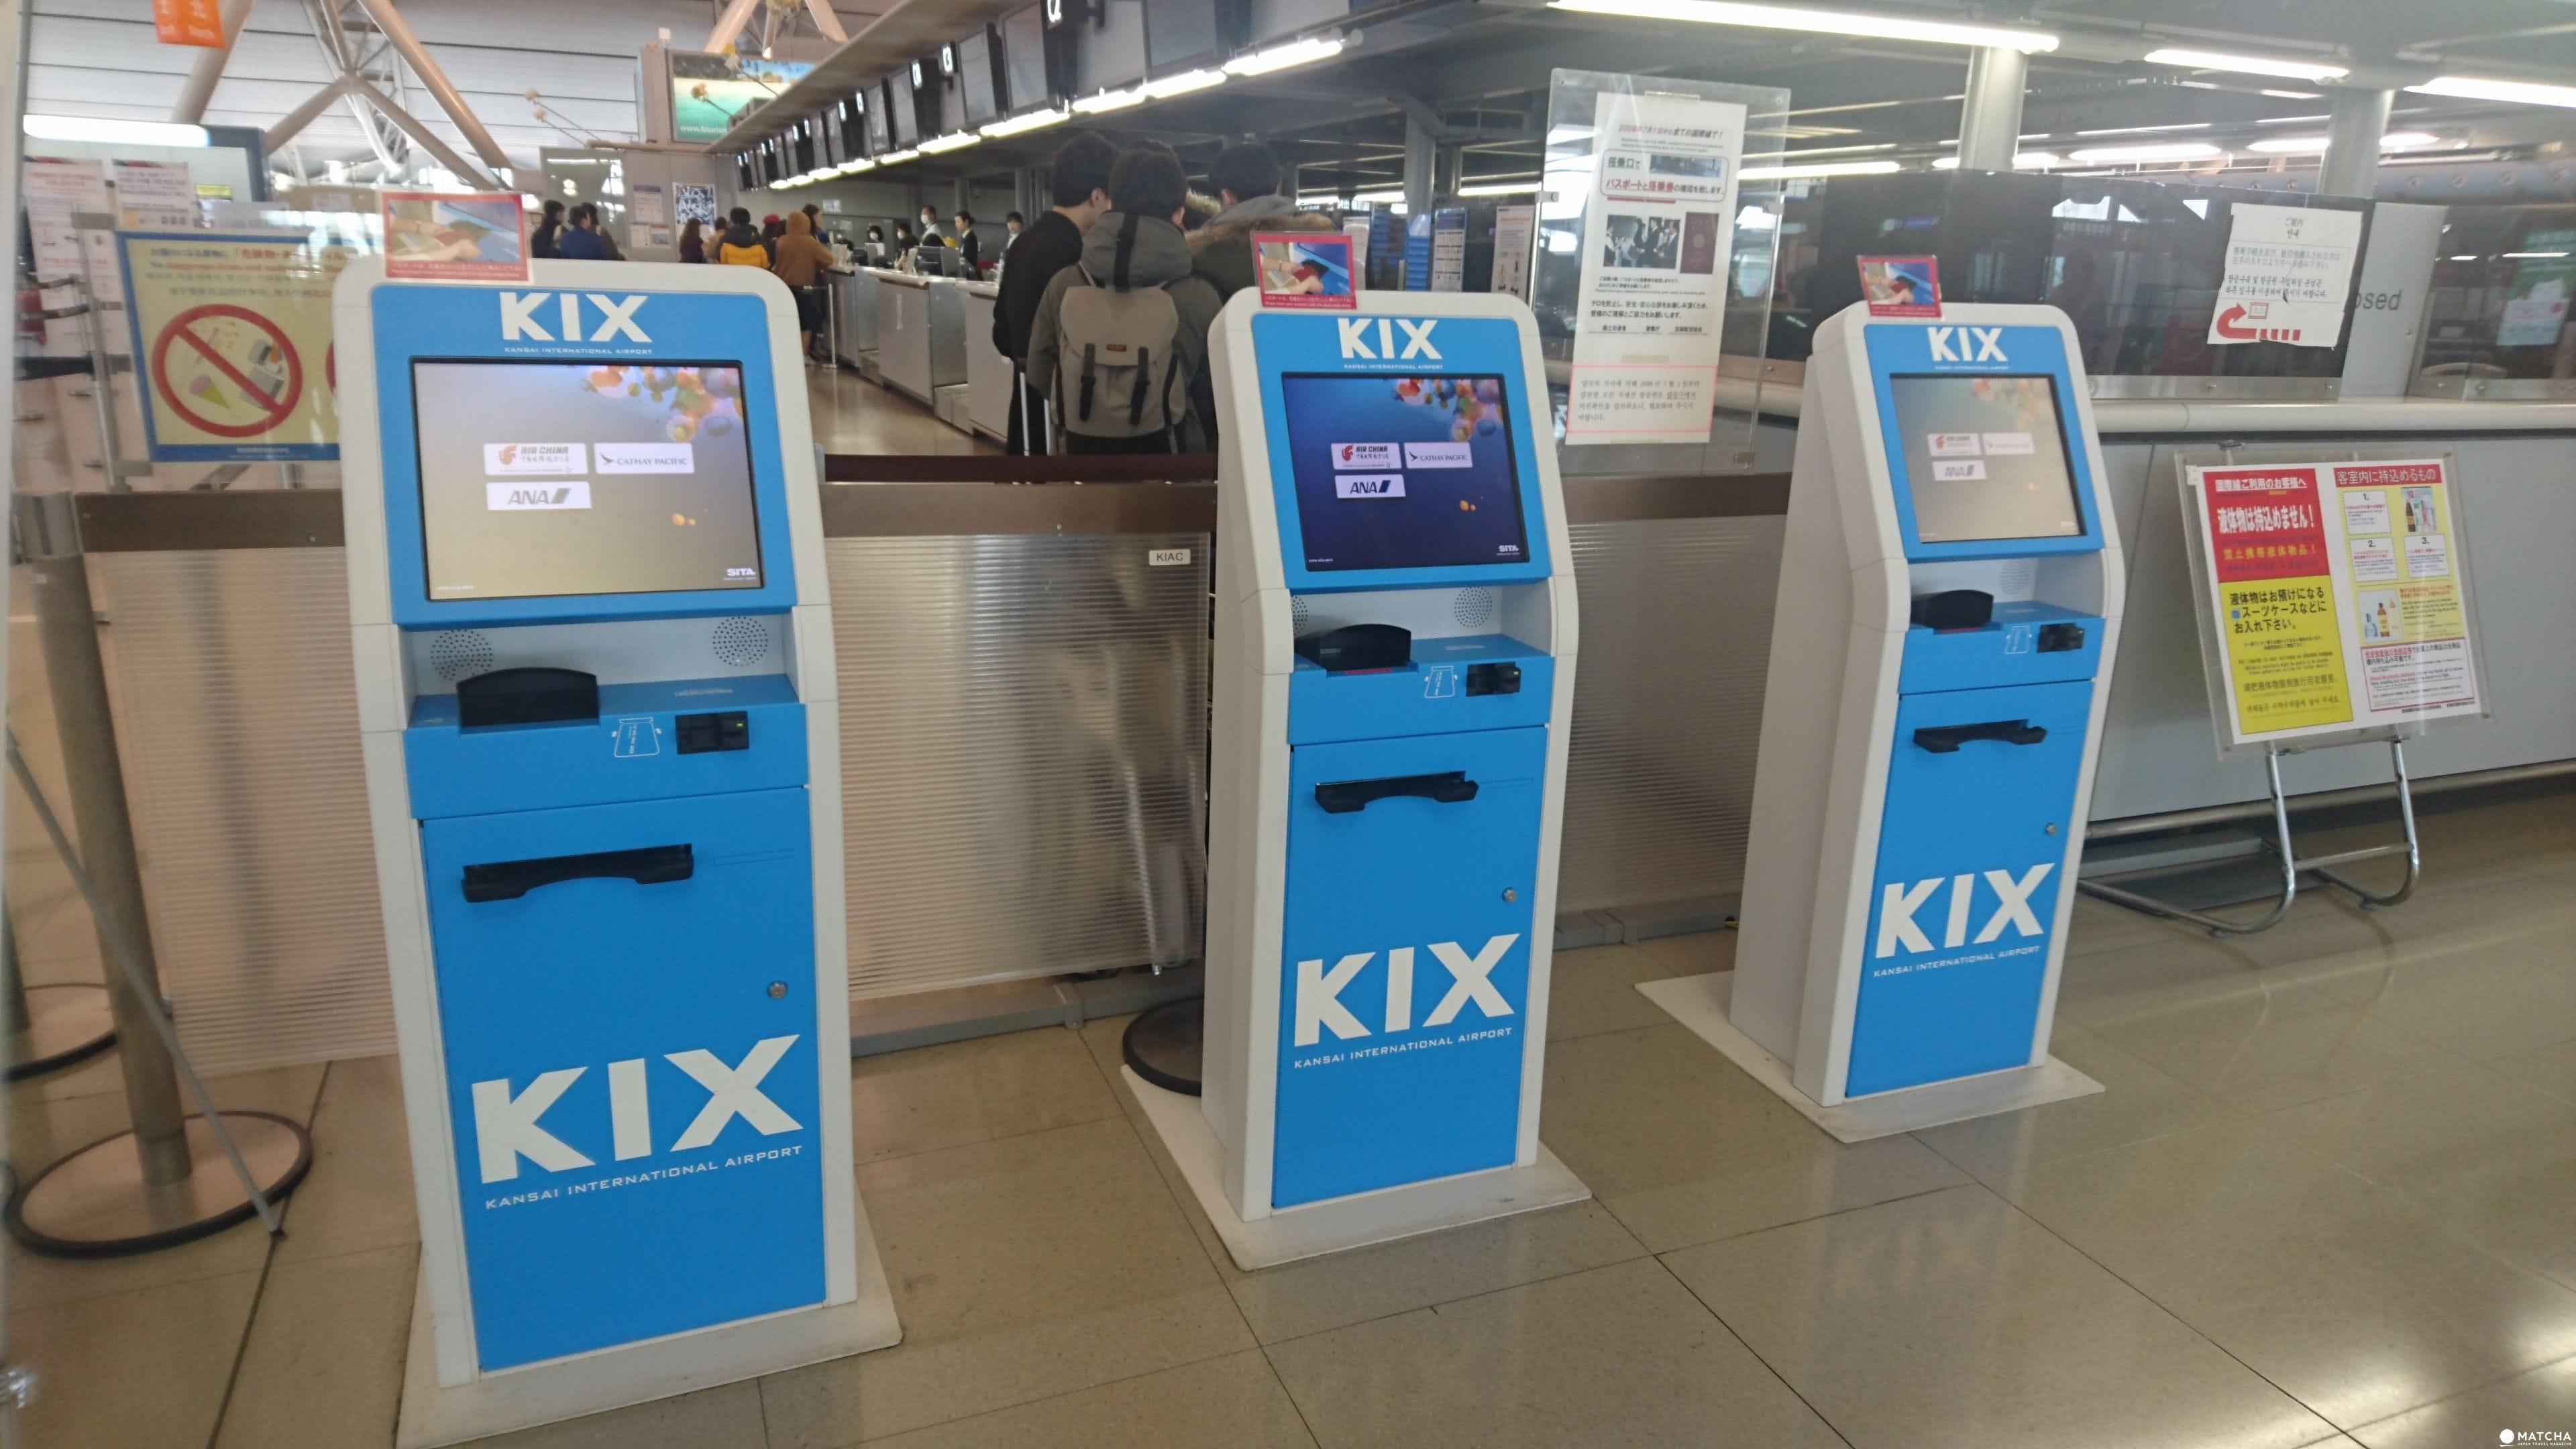 關西機場一卡通!讓KIX-ITM卡為你省荷包